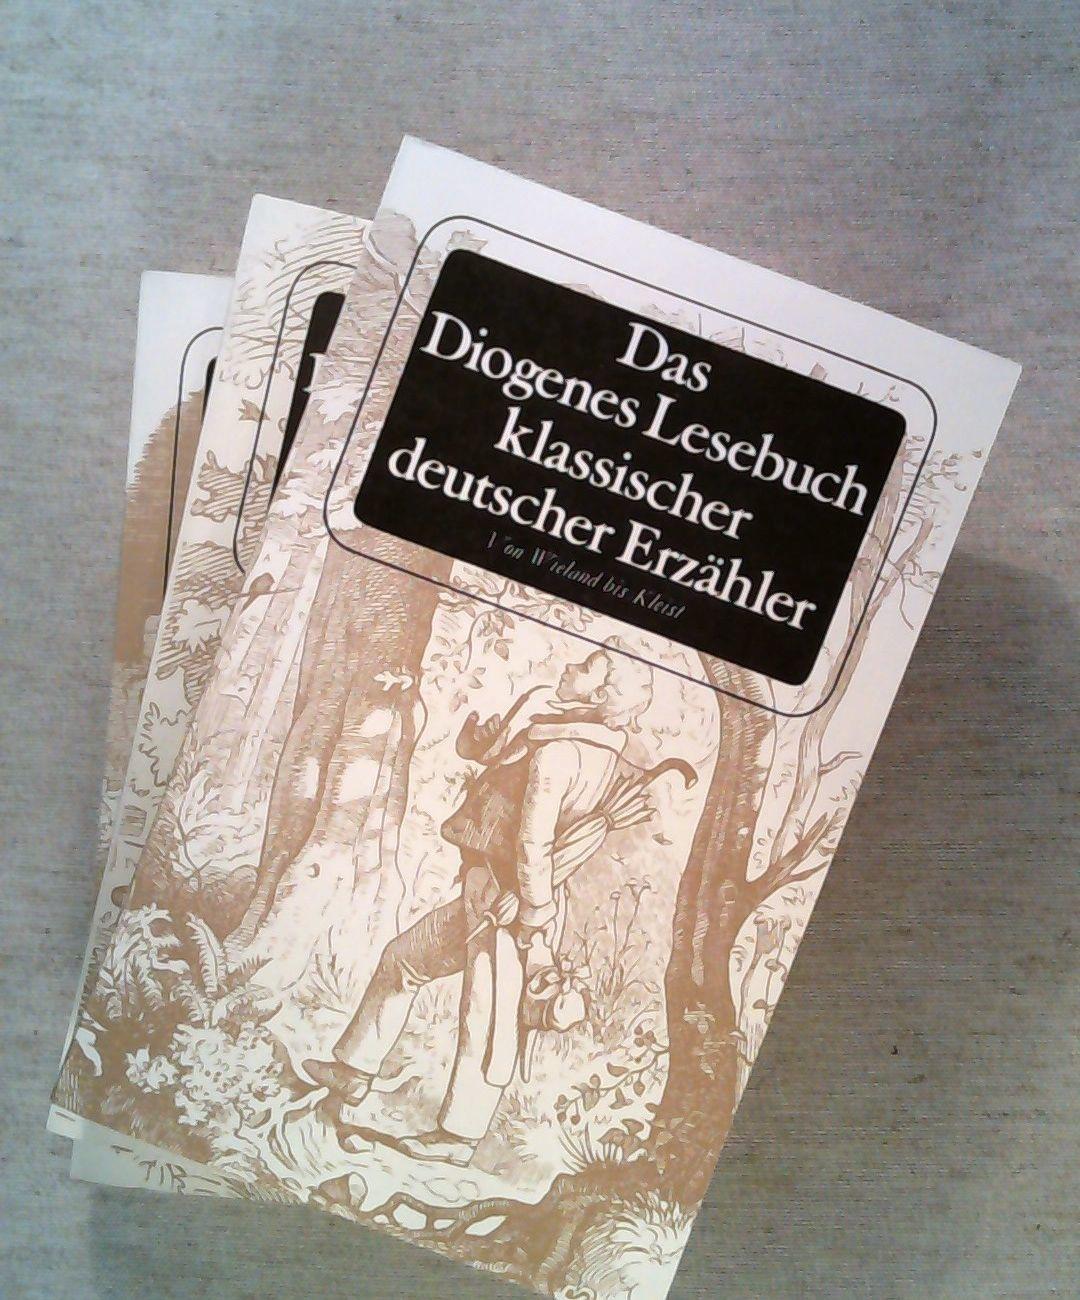 Johann Wolfgang Goethe Heinrich Von Kleist He Klassische Deutsche Erzähler I